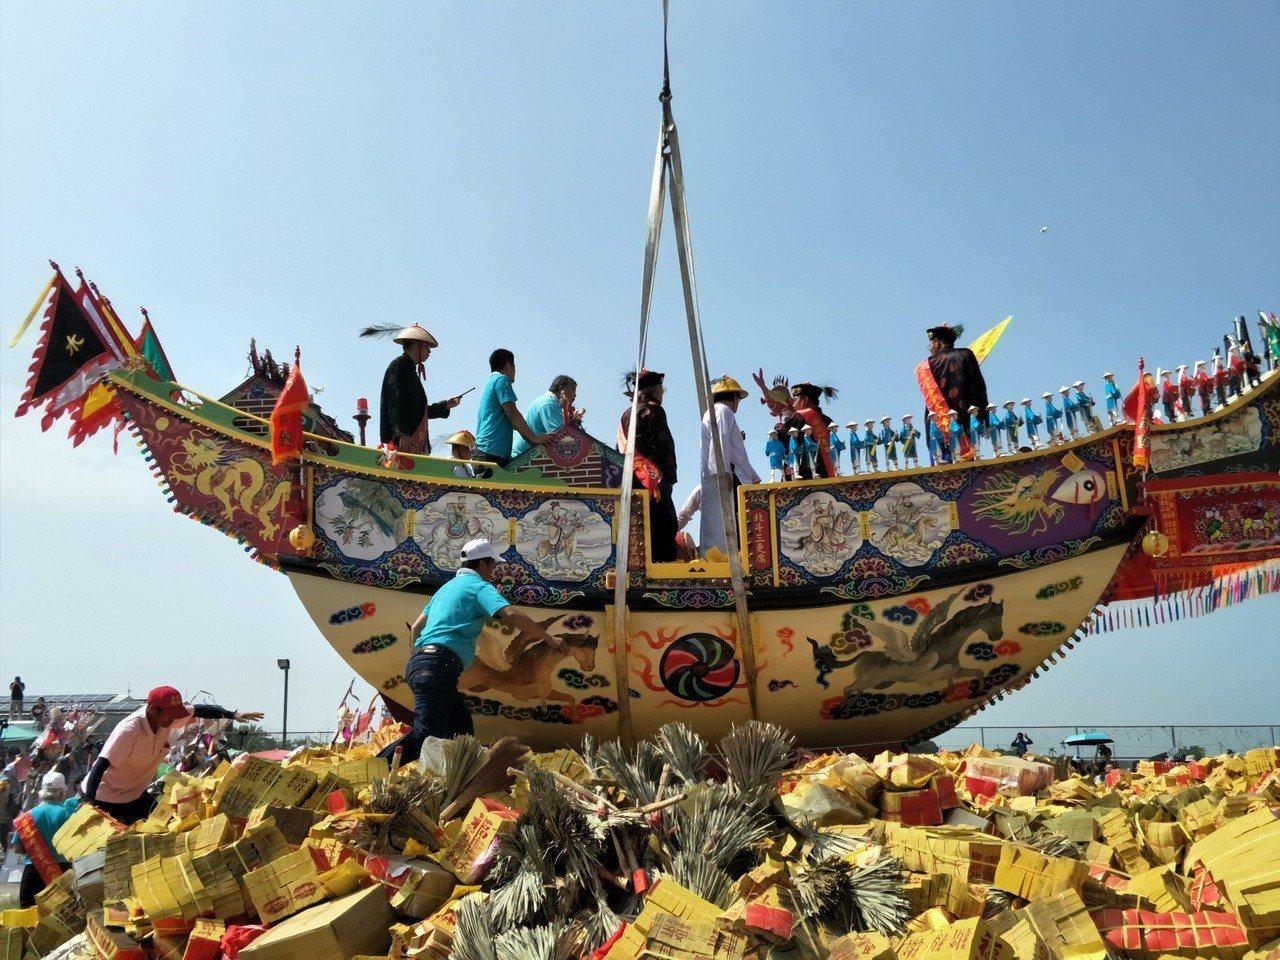 工作人員小心將王船定位。記者謝進盛/攝影